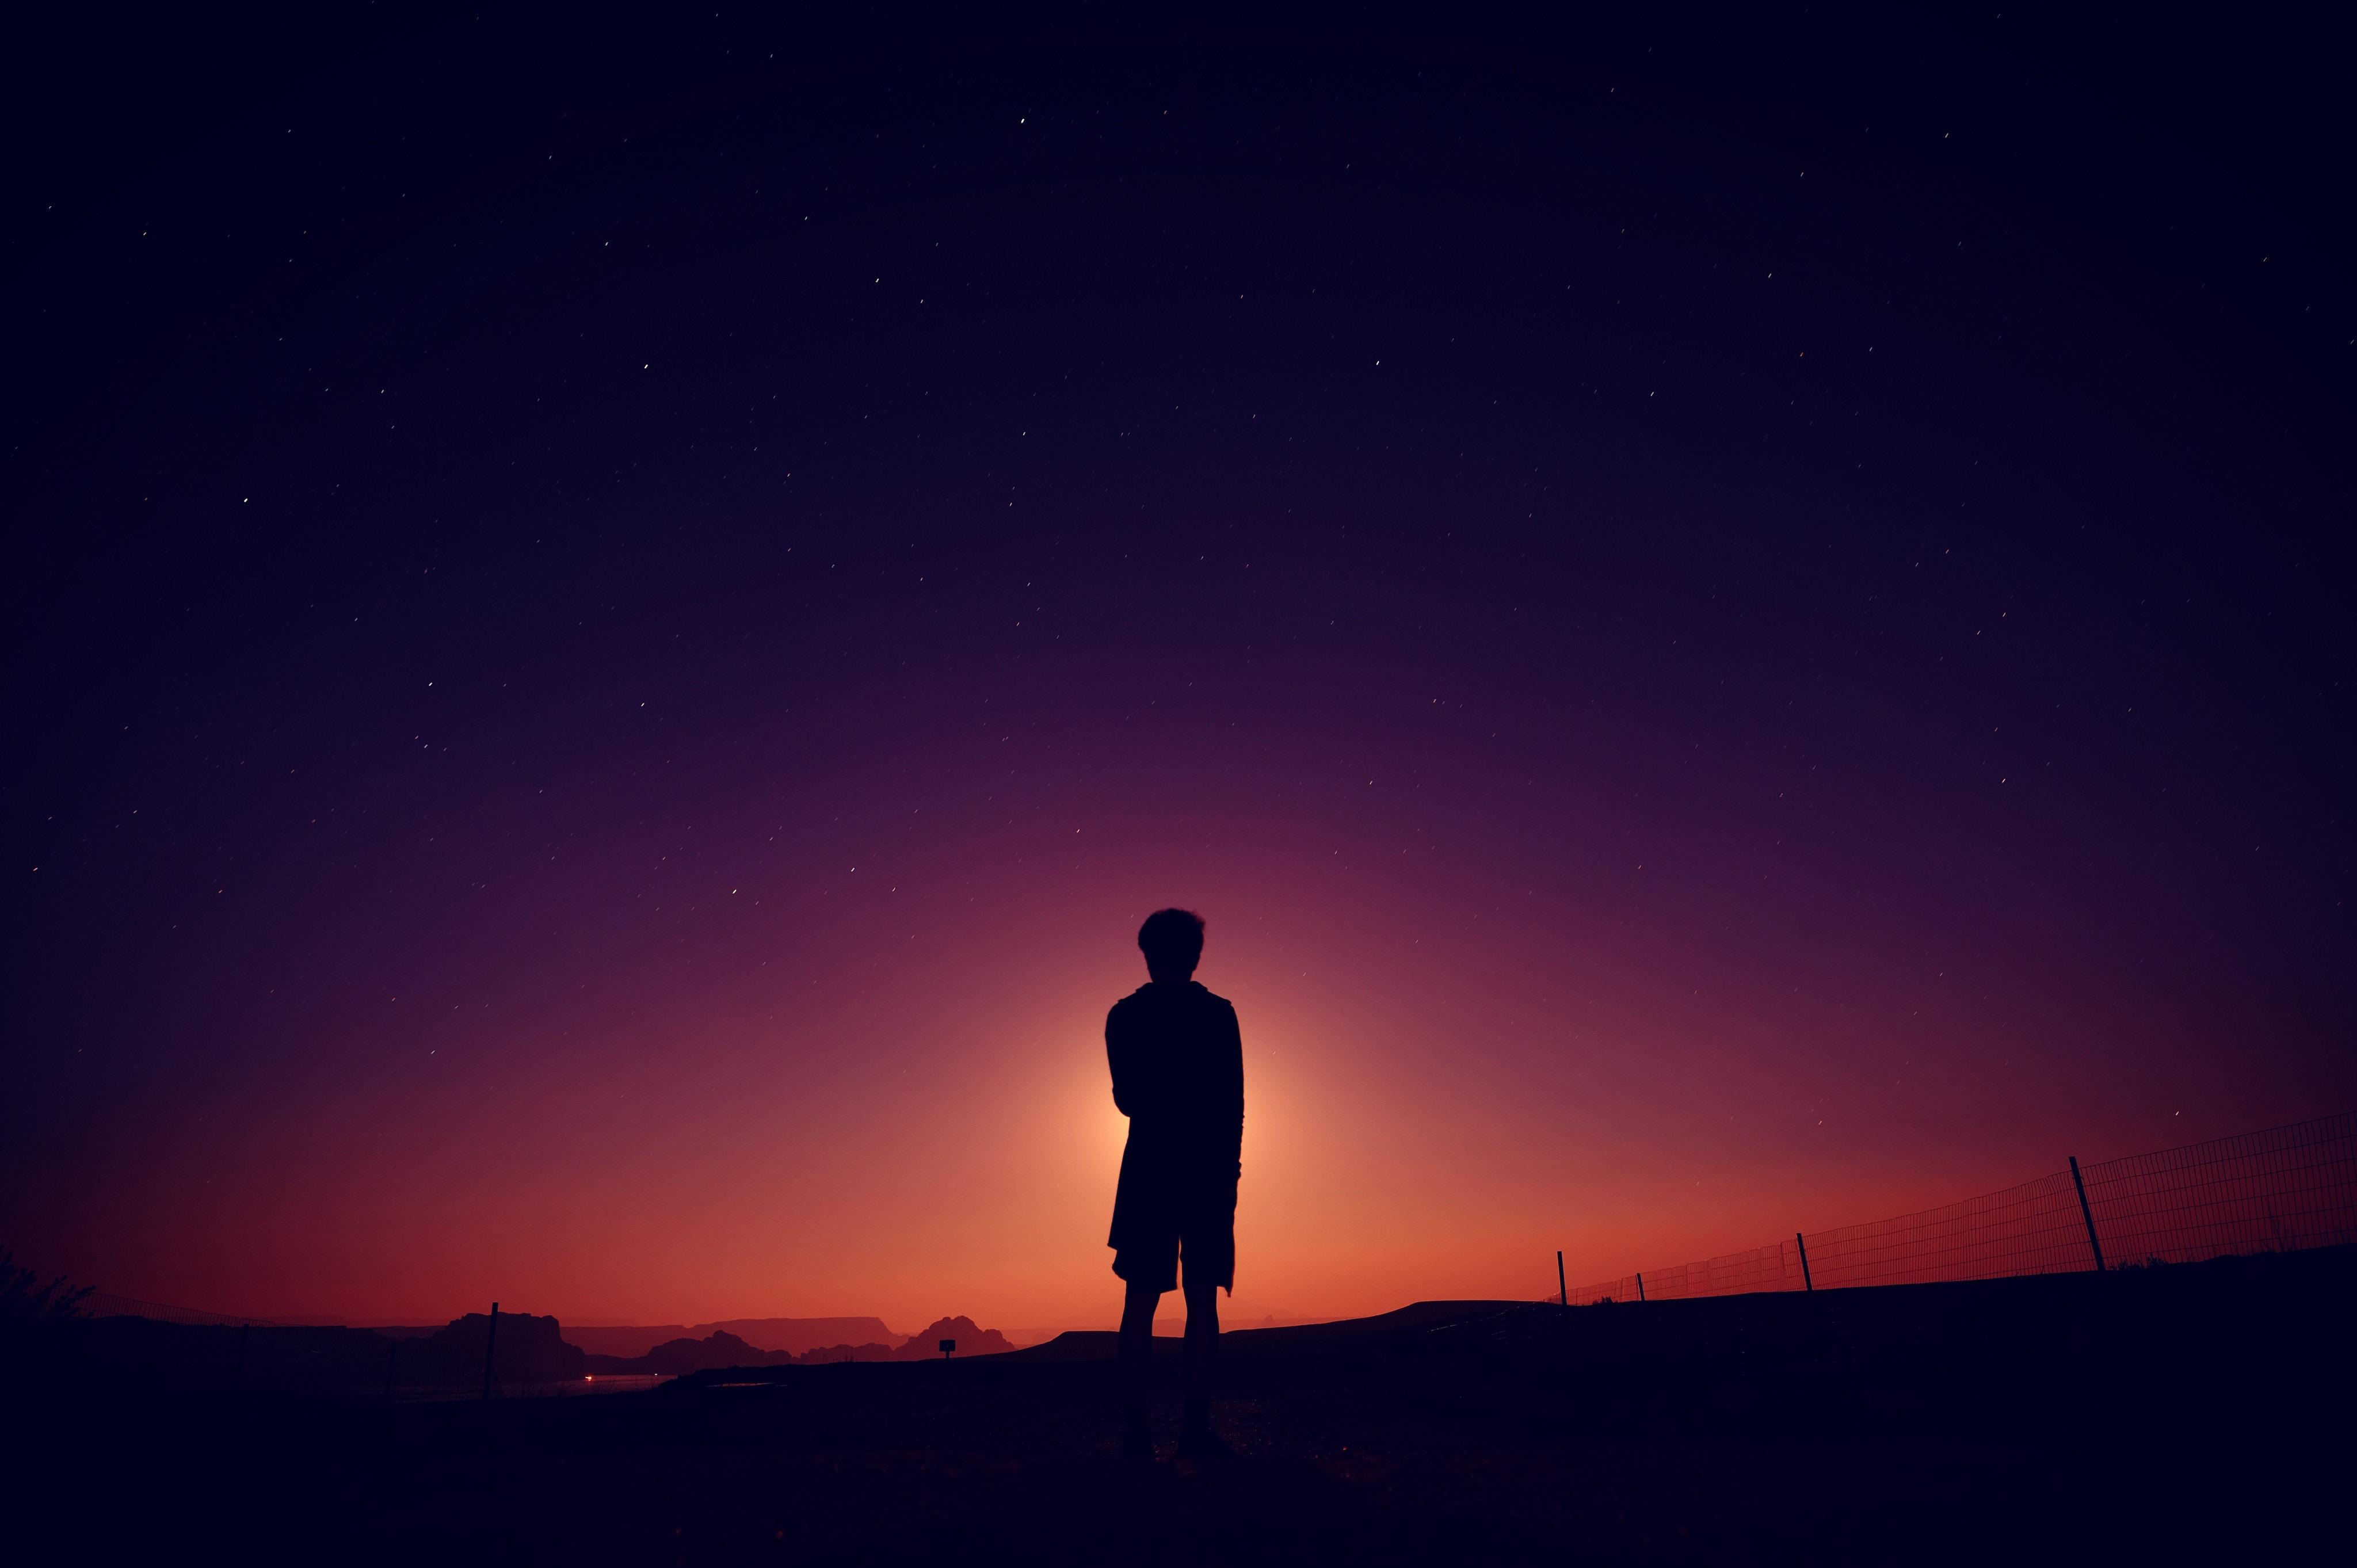 一人孤独に佇むひと